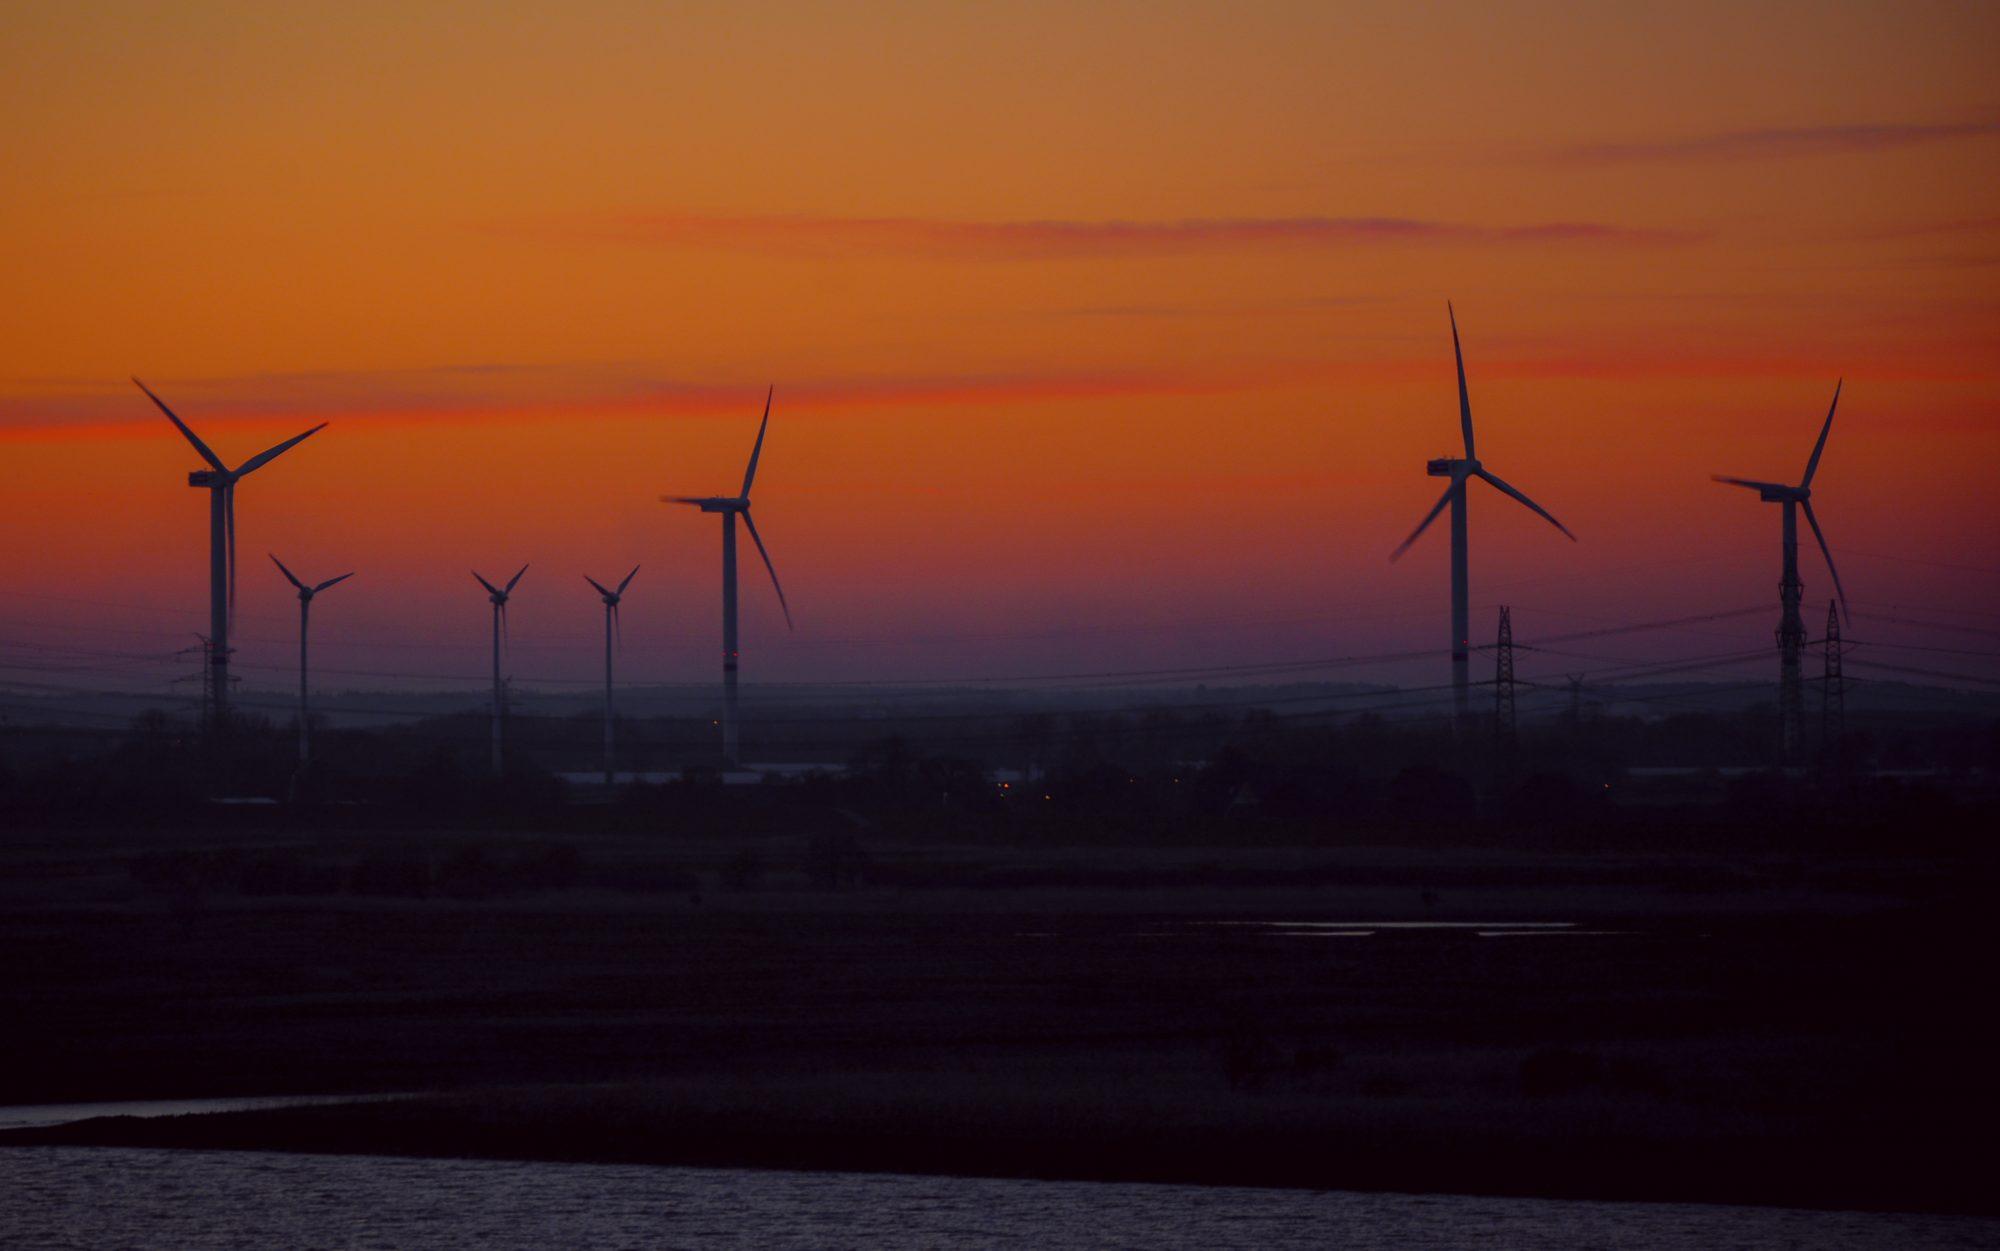 Mace achieves 2020 net-zero carbon targets